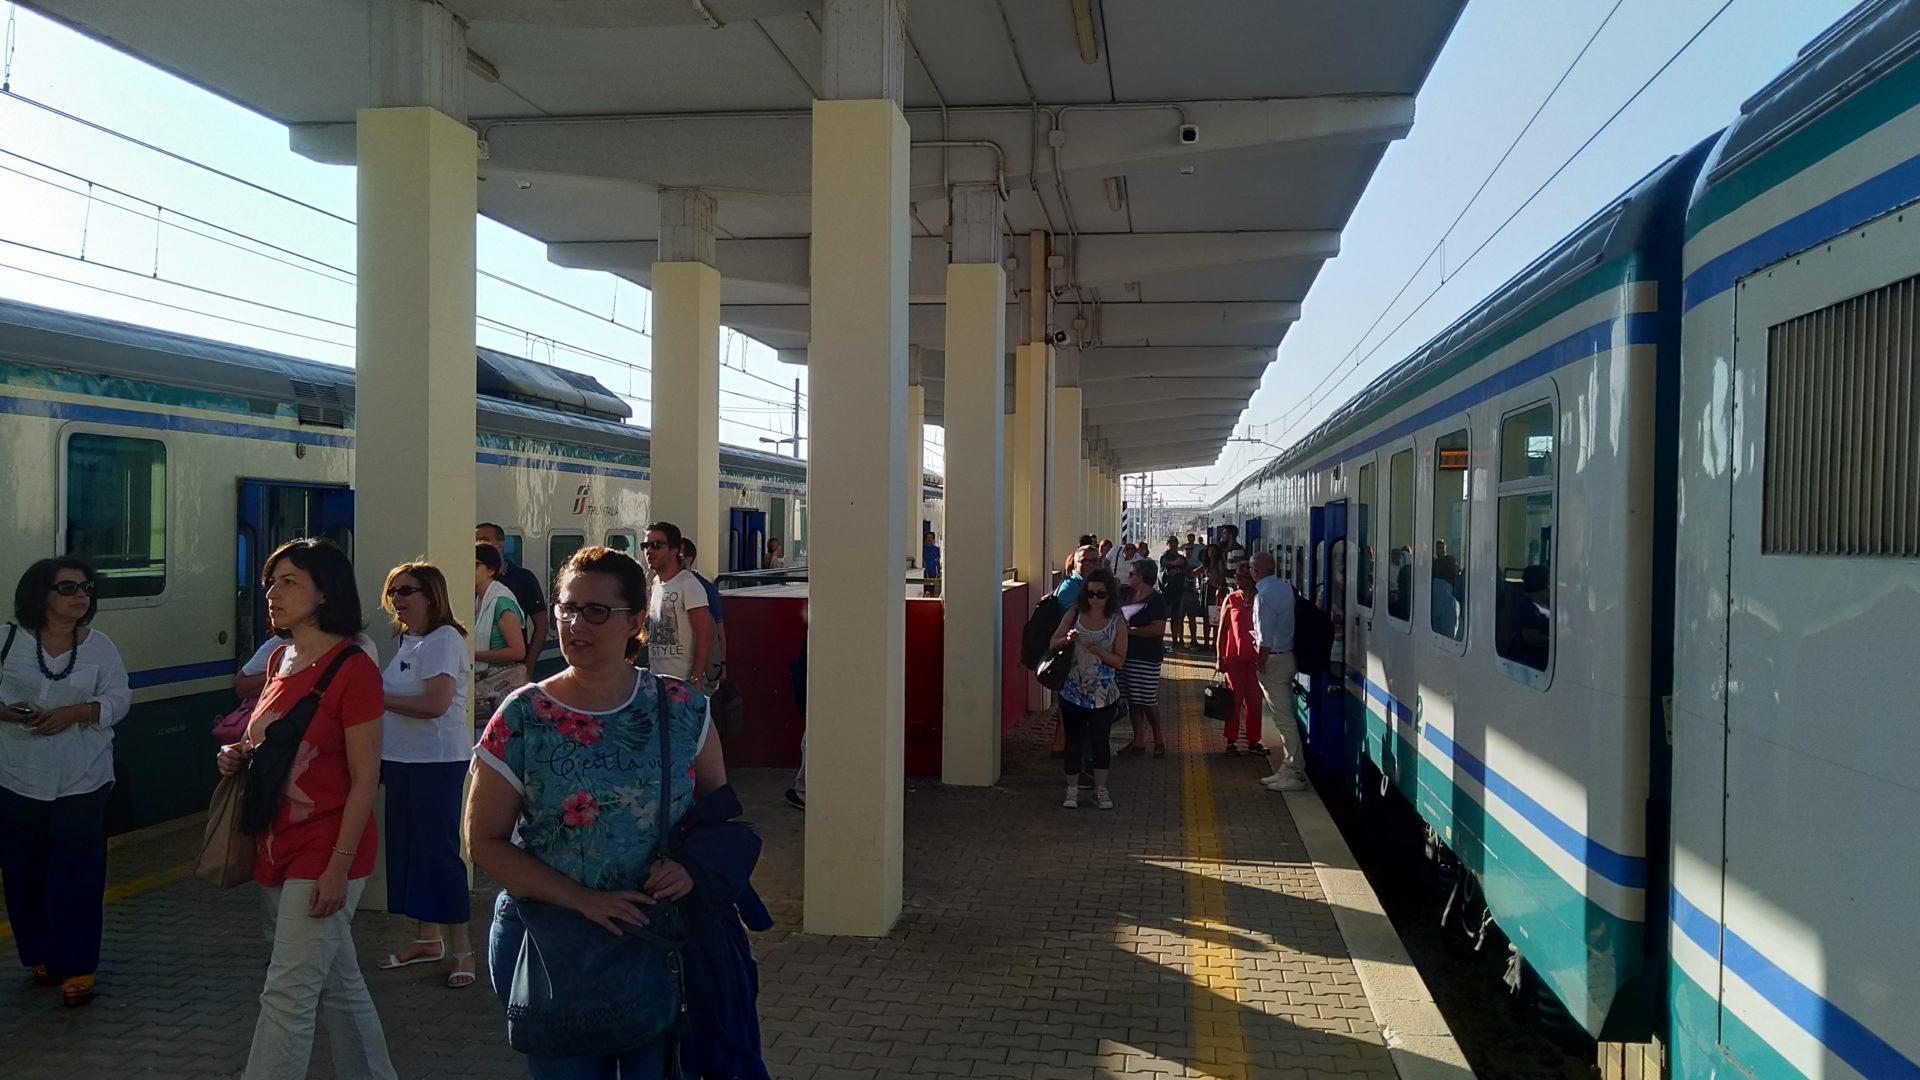 stazione.jpeg